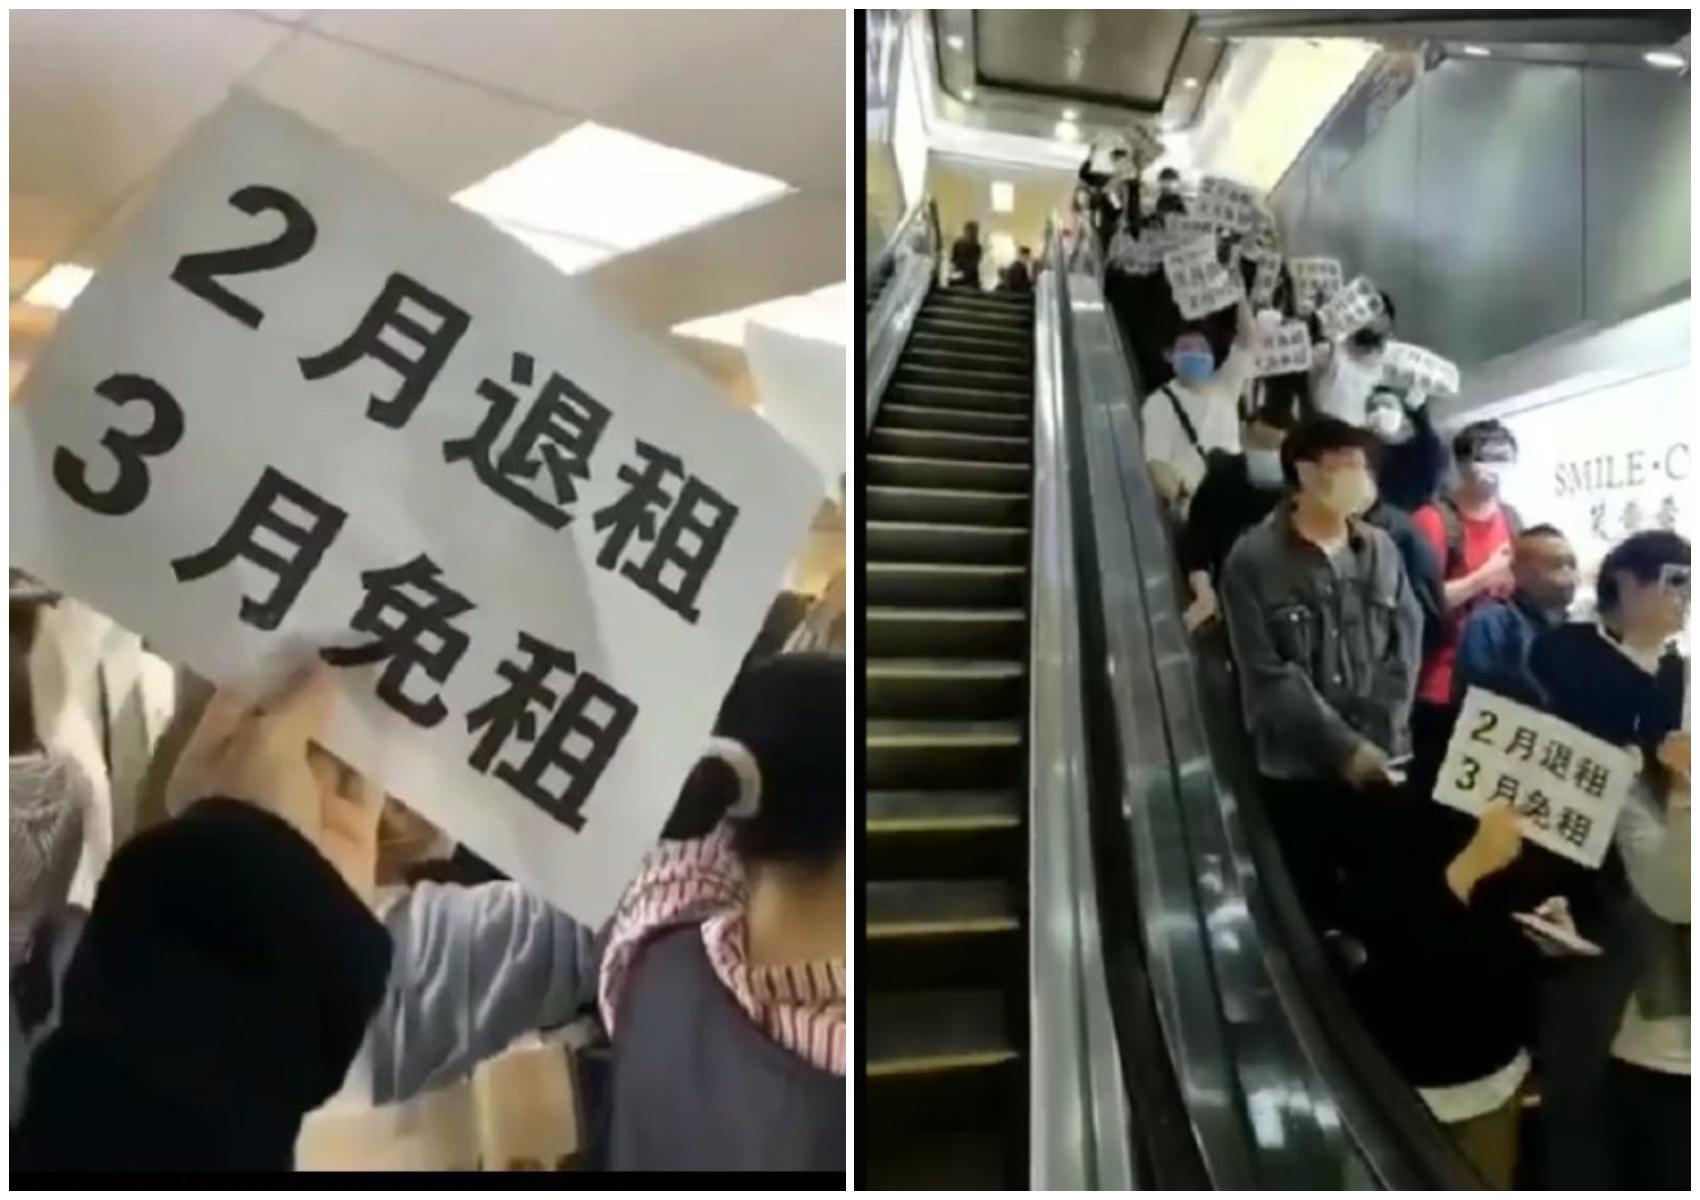 中共肺炎疫情下生意難為 深圳廣州數百商戶要求減租